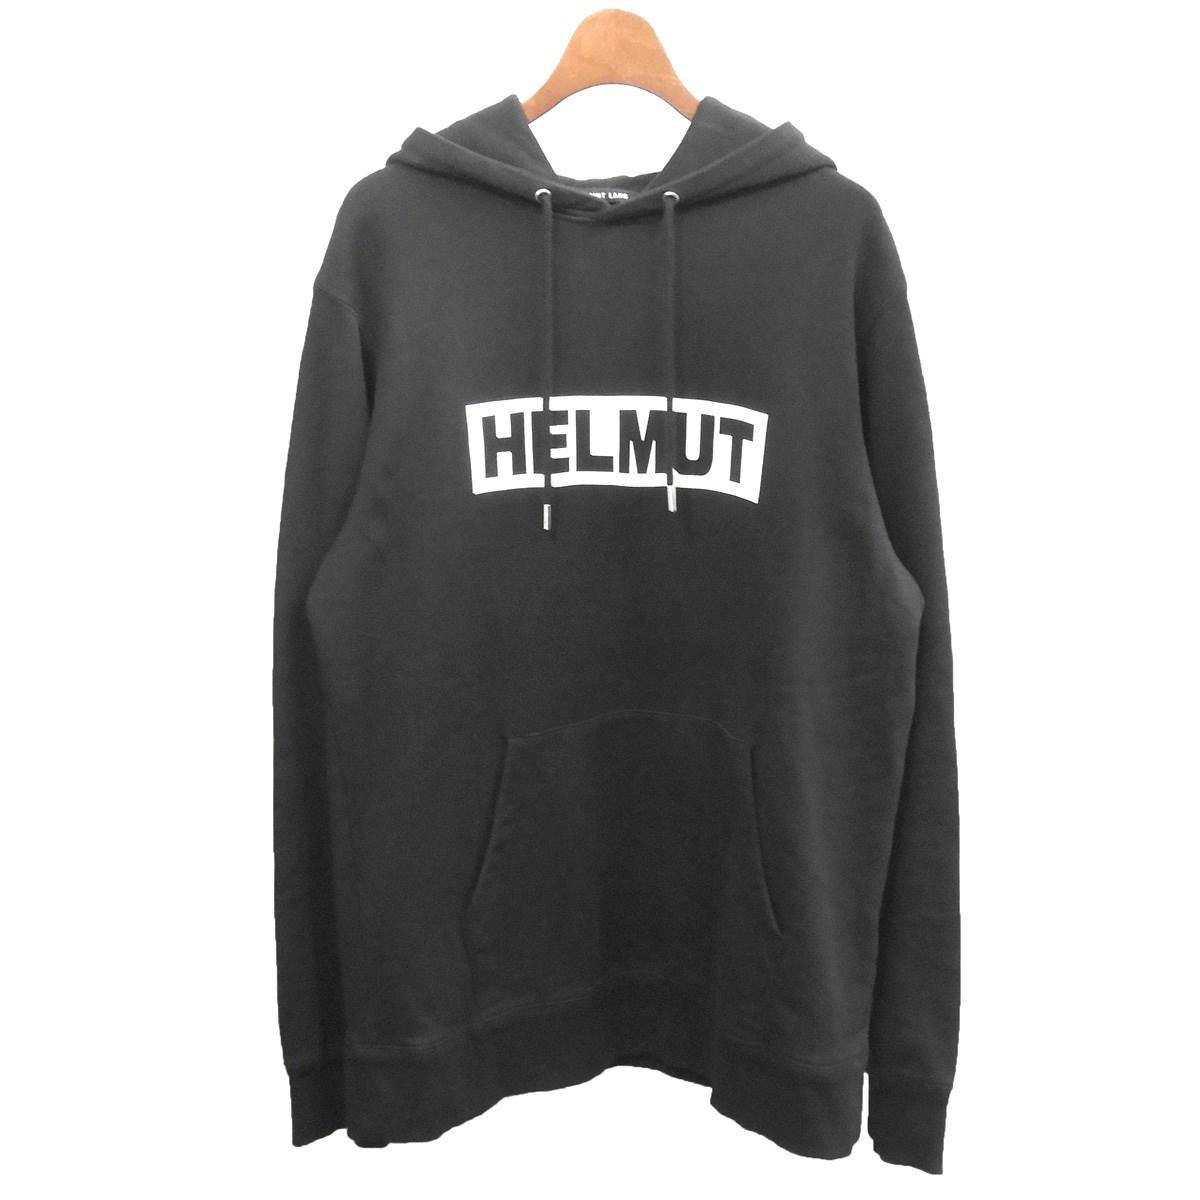 【中古】HELMUT LANG ボックスロゴパーカー ブラック サイズ:M 【211119】(ヘルムートラング)